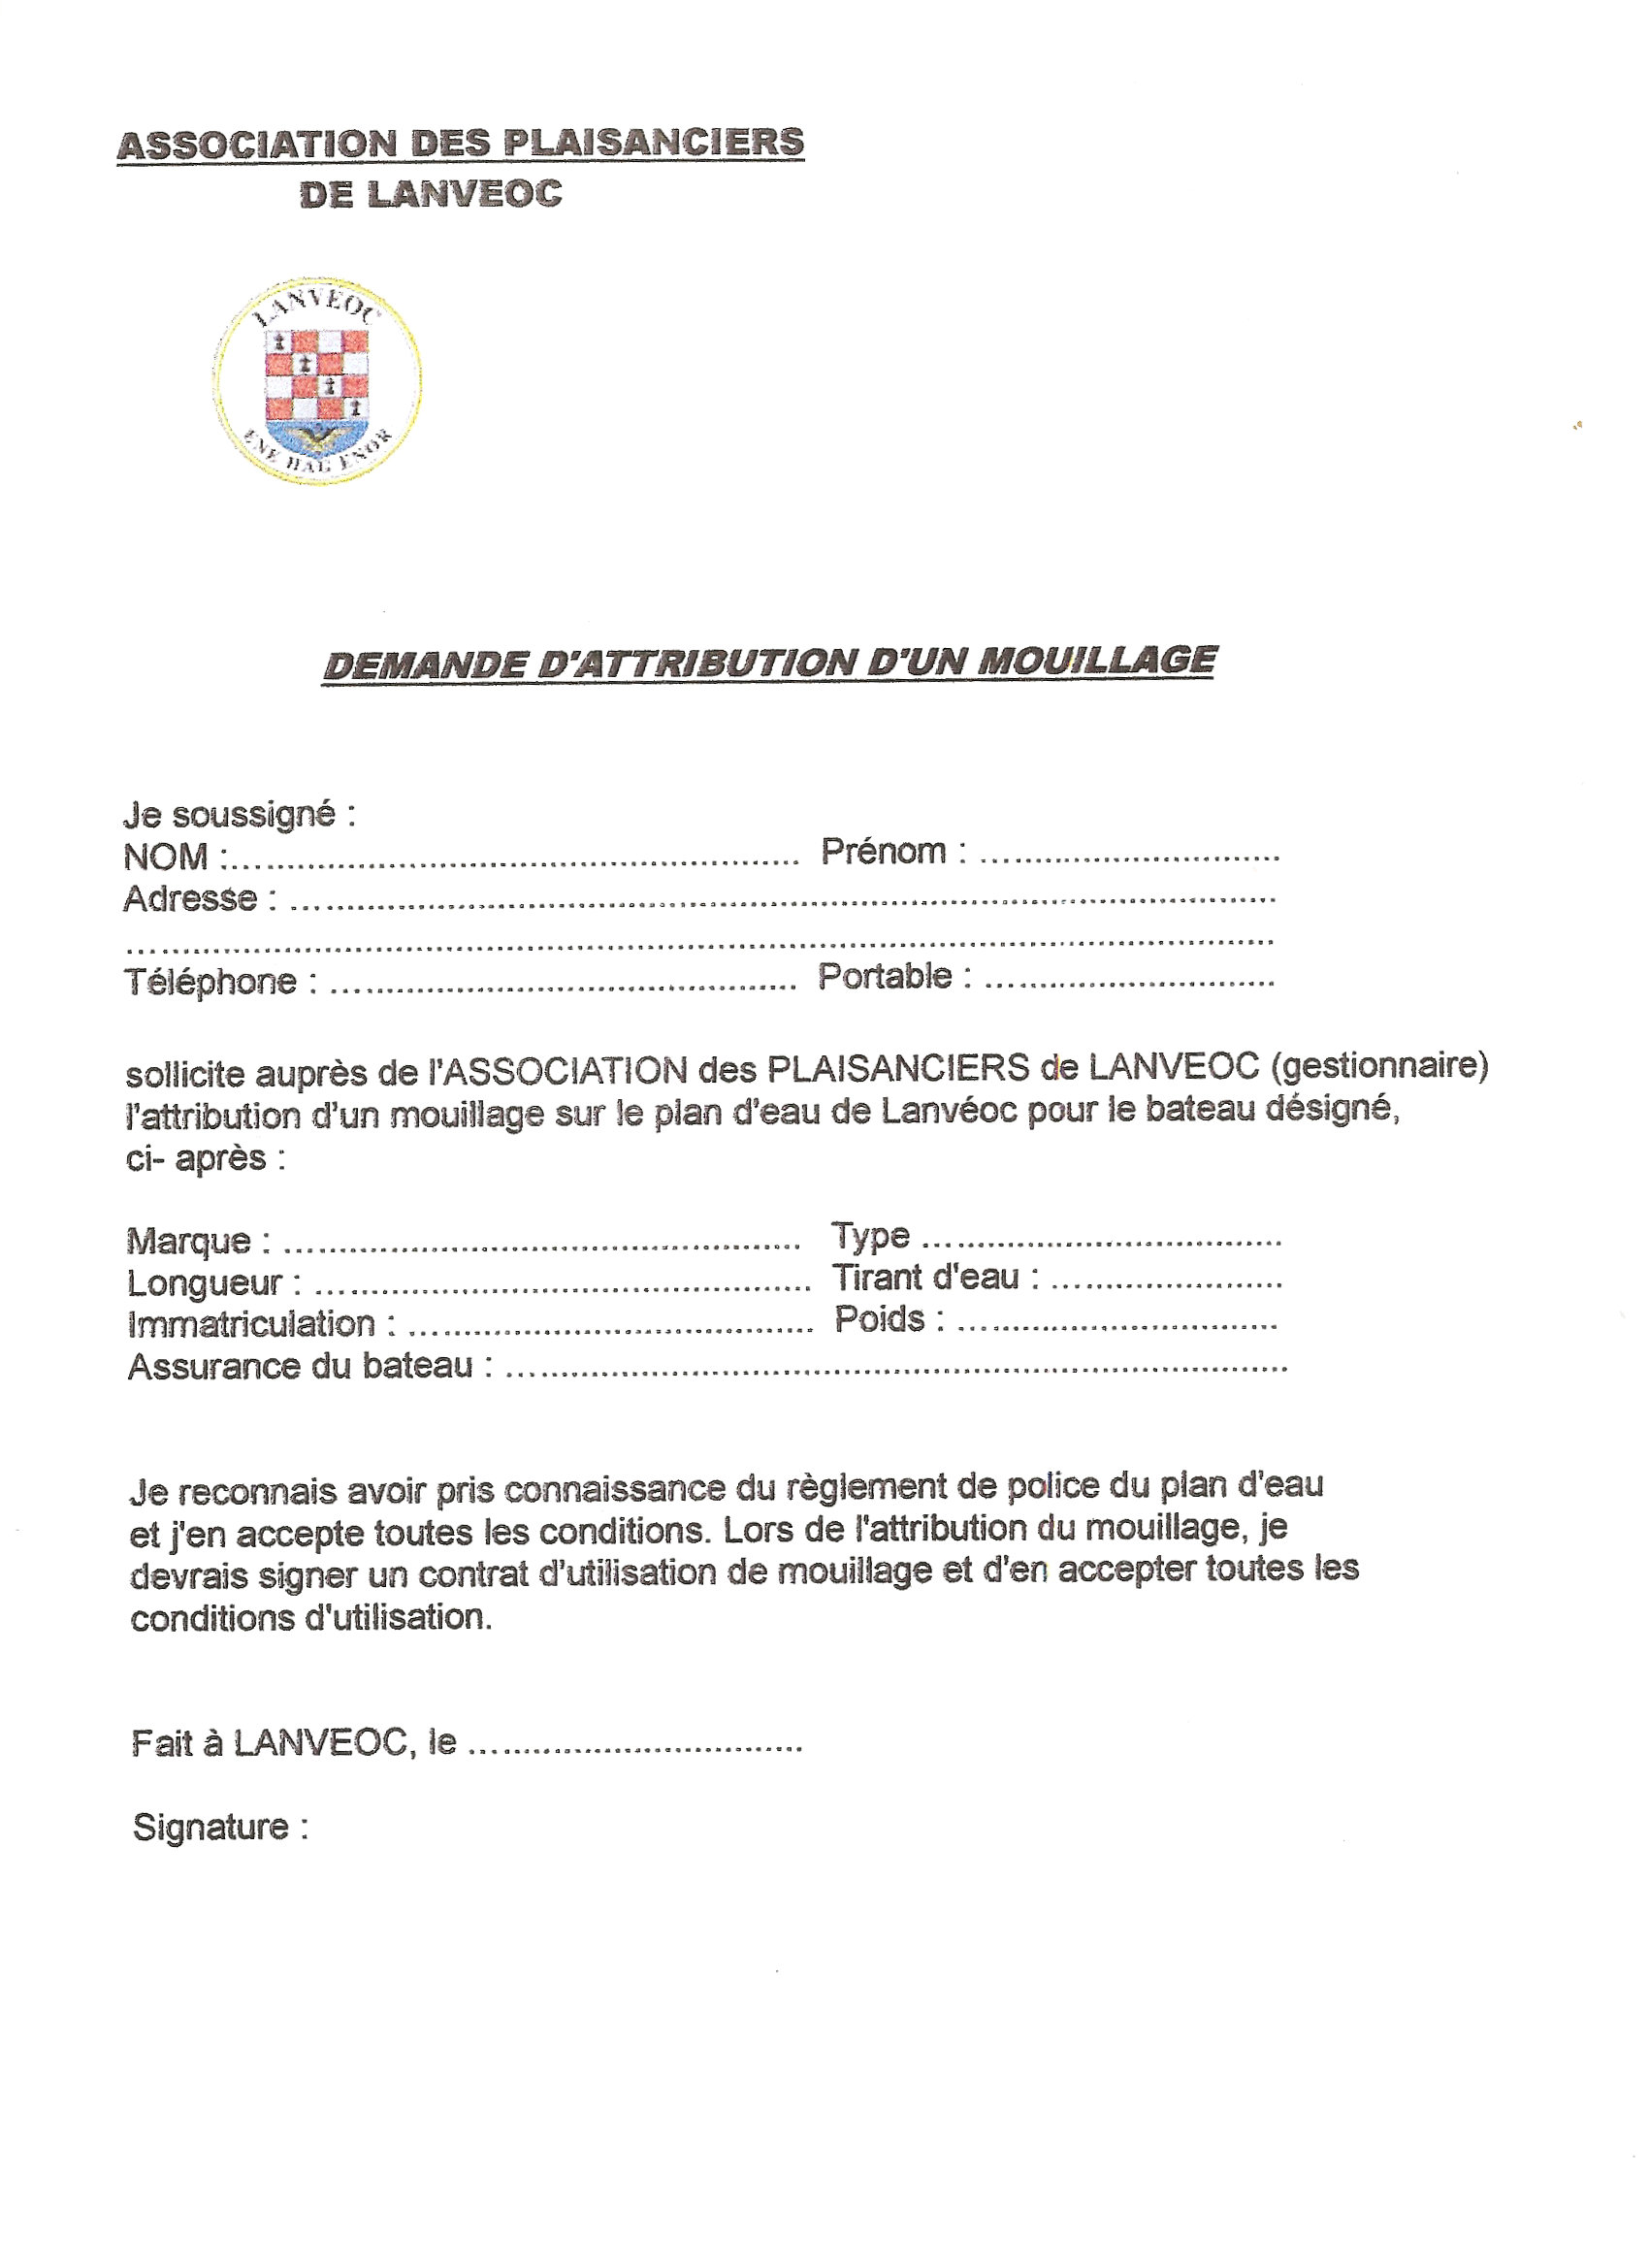 Plaisanciers De Lanveoc Le Collectif Des Associations De Lanveoc